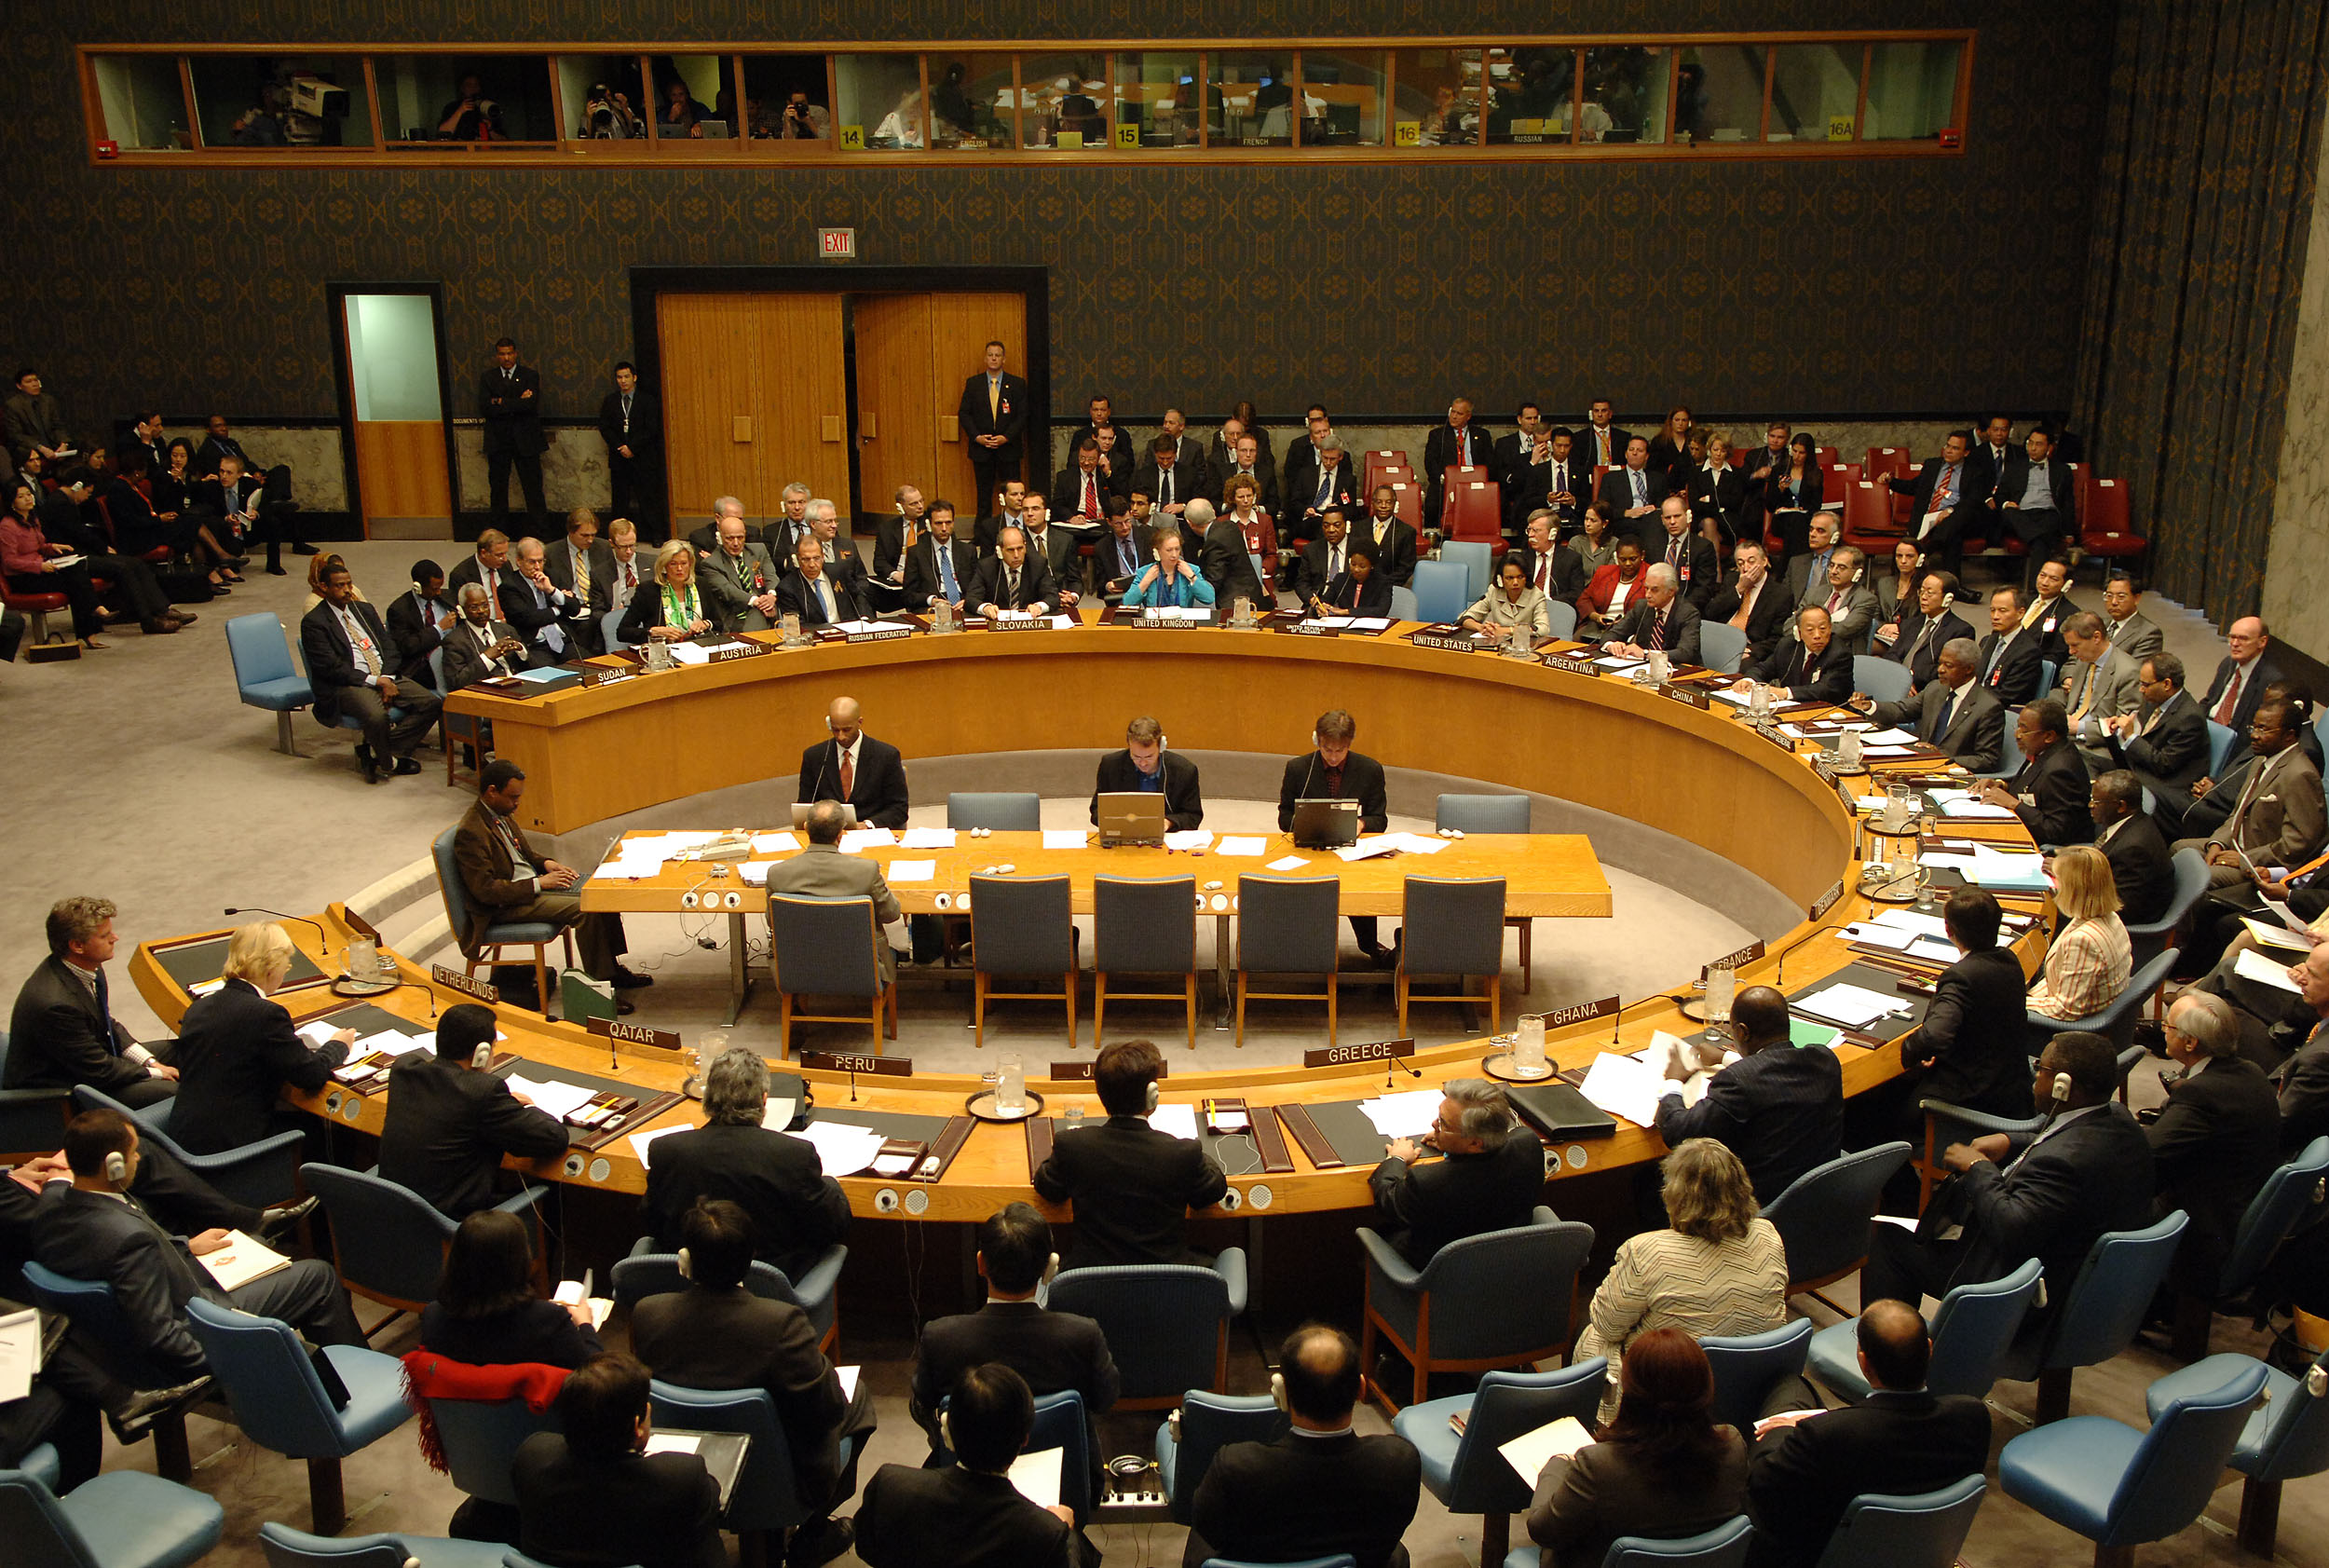 مجلس الامن الدولي يبحث وضع القضية الفلسطينية والمأساة السورية